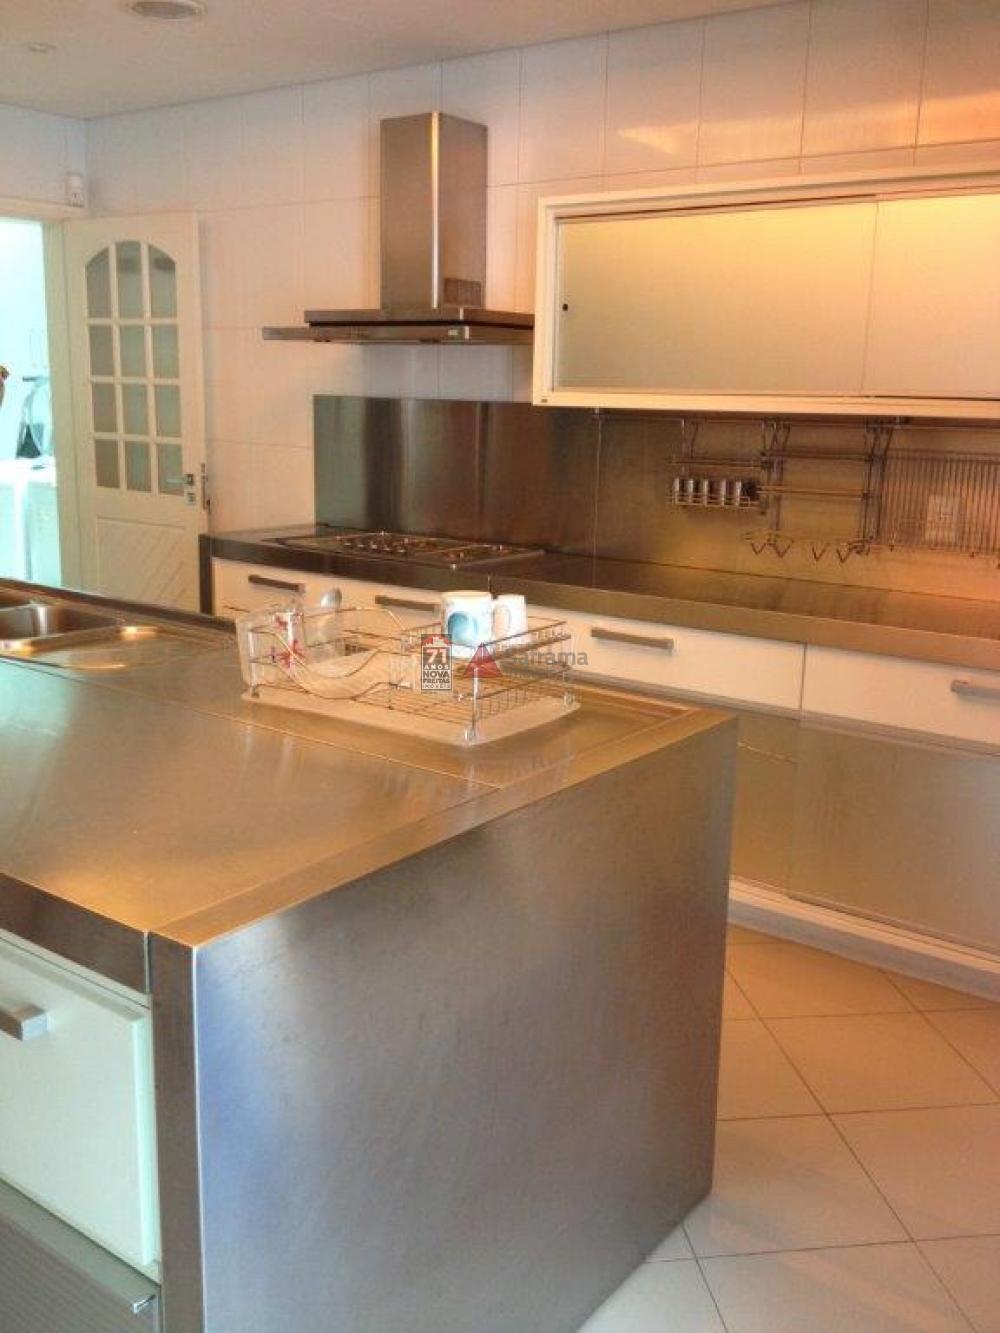 Comprar Casa / Sobrado em Condomínio em São José dos Campos apenas R$ 2.200.000,00 - Foto 11